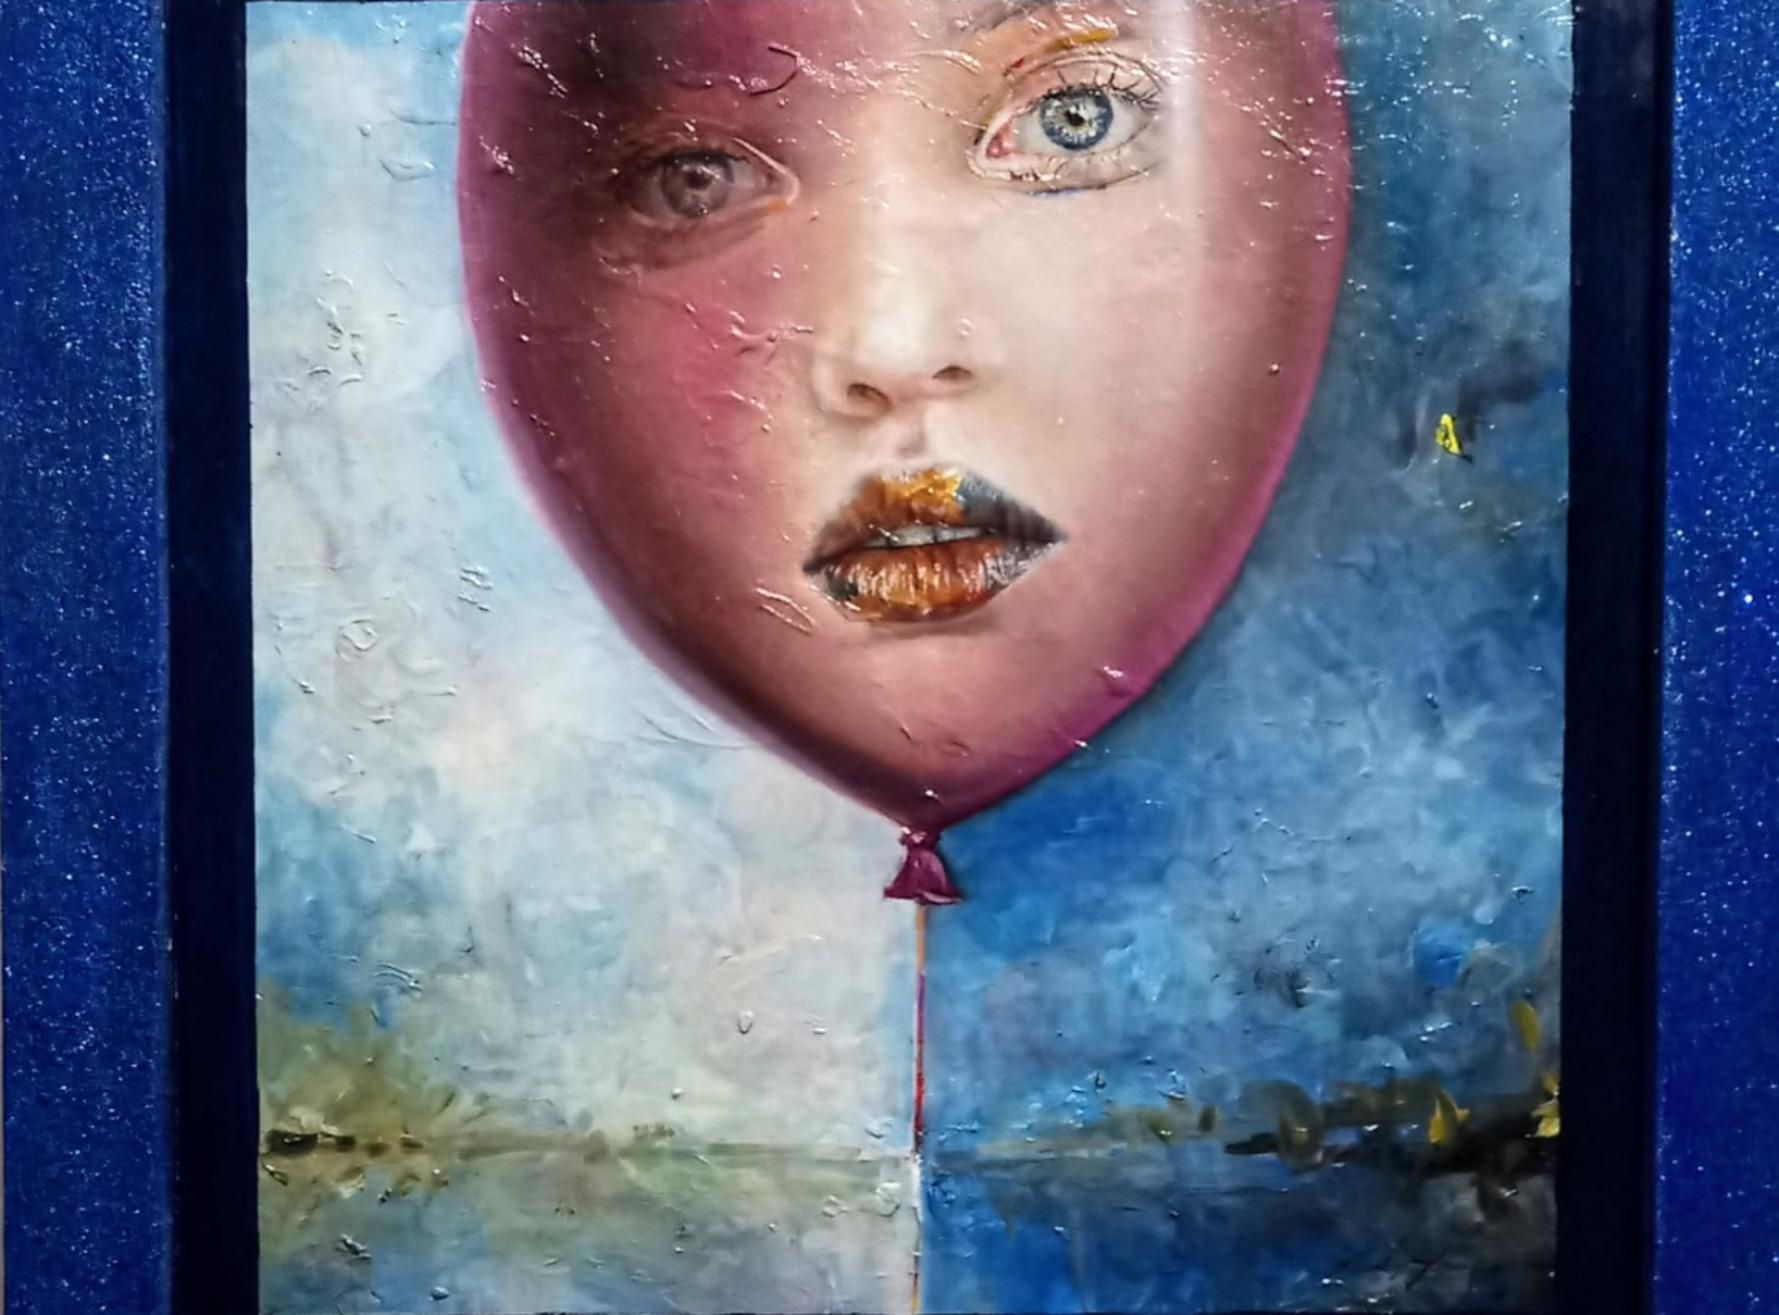 L'Angolo di Marta Lock: Le opere iperrealiste di Federica Fedele, tra la metafisica e il senso surre